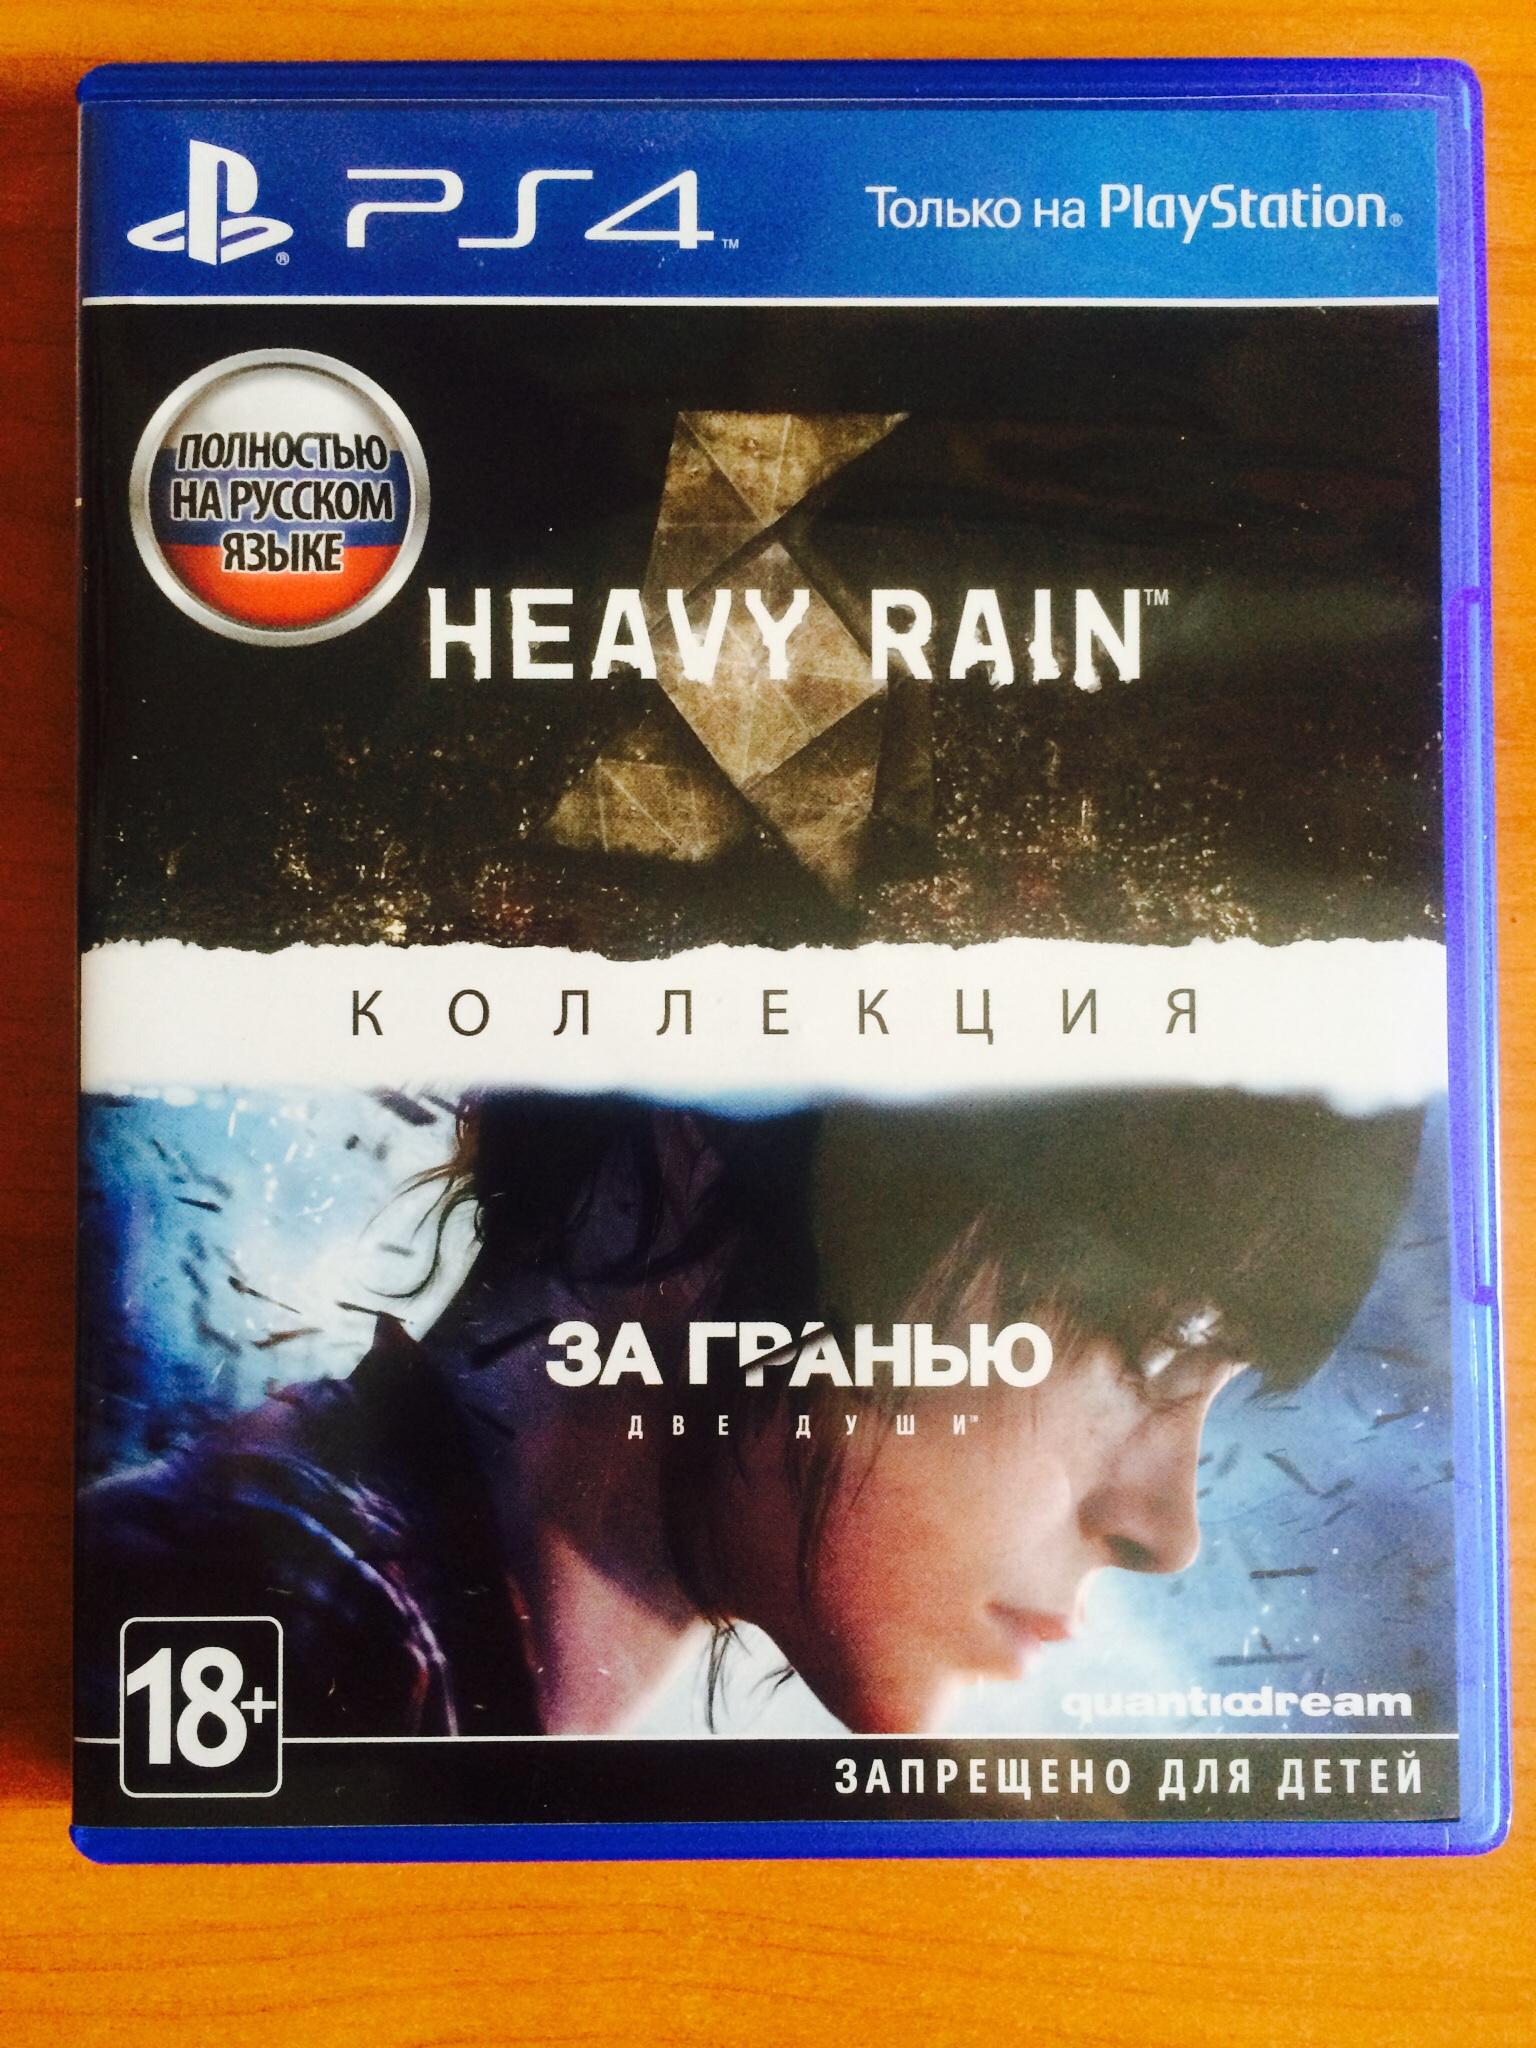 http://www.stratege.ru/forums/files/gallery/1/8fb/495/d1e746a707b4f3f464ed40b51f7f79b2.jpg